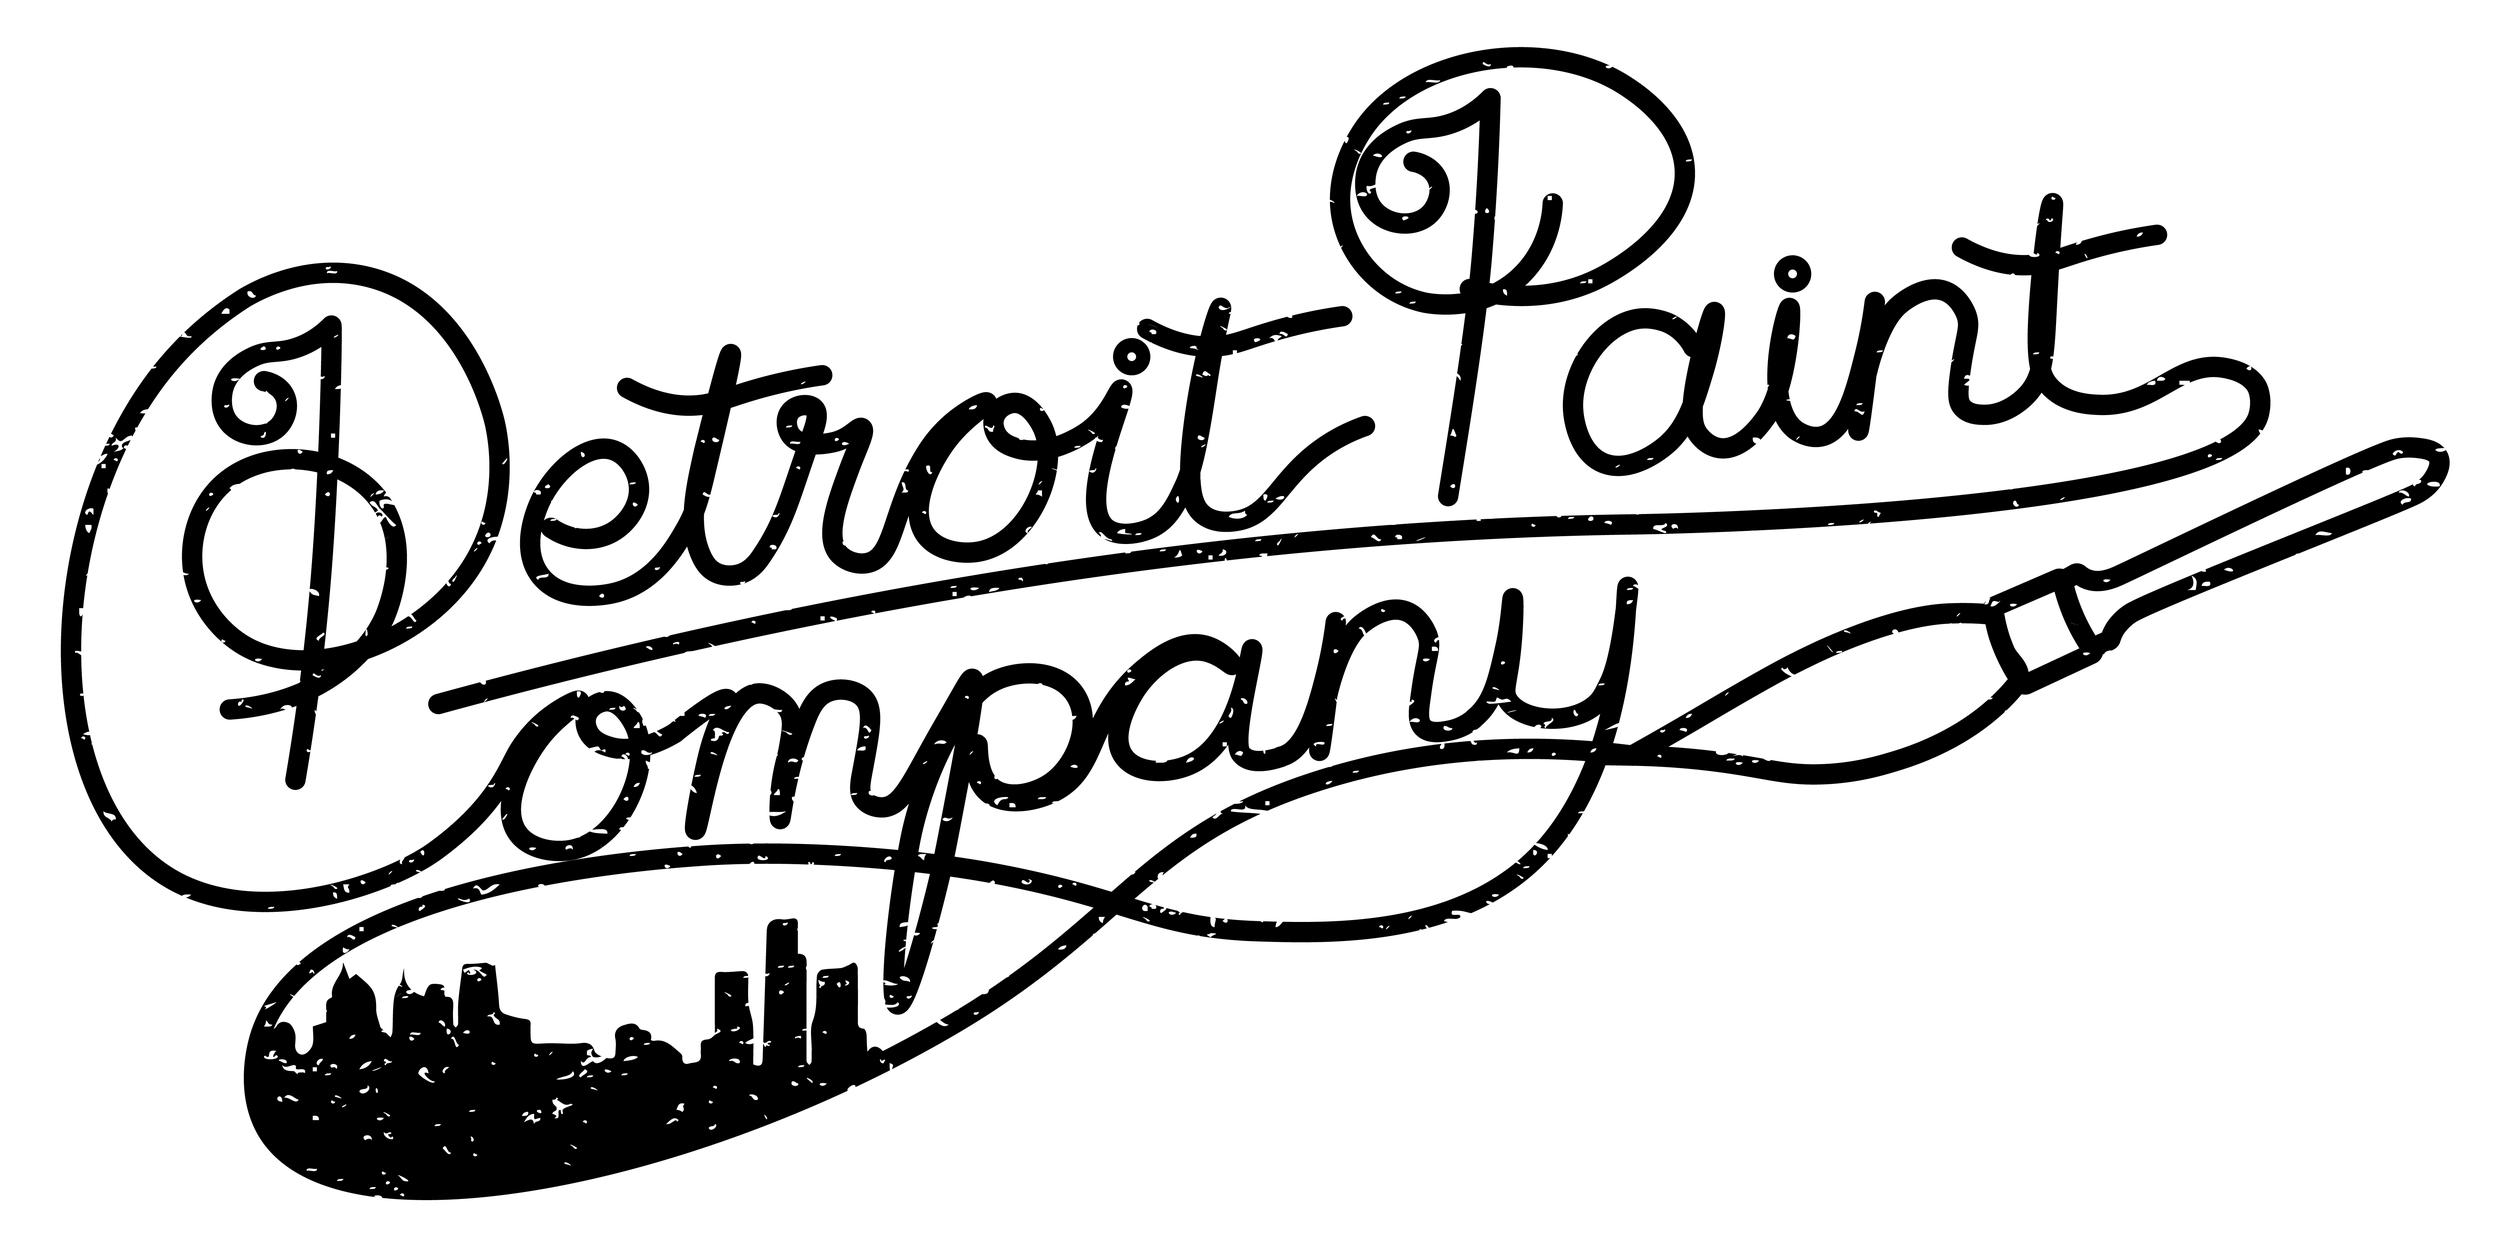 UPWORK DETROIT PAINT COMPANY REVISE-01.png